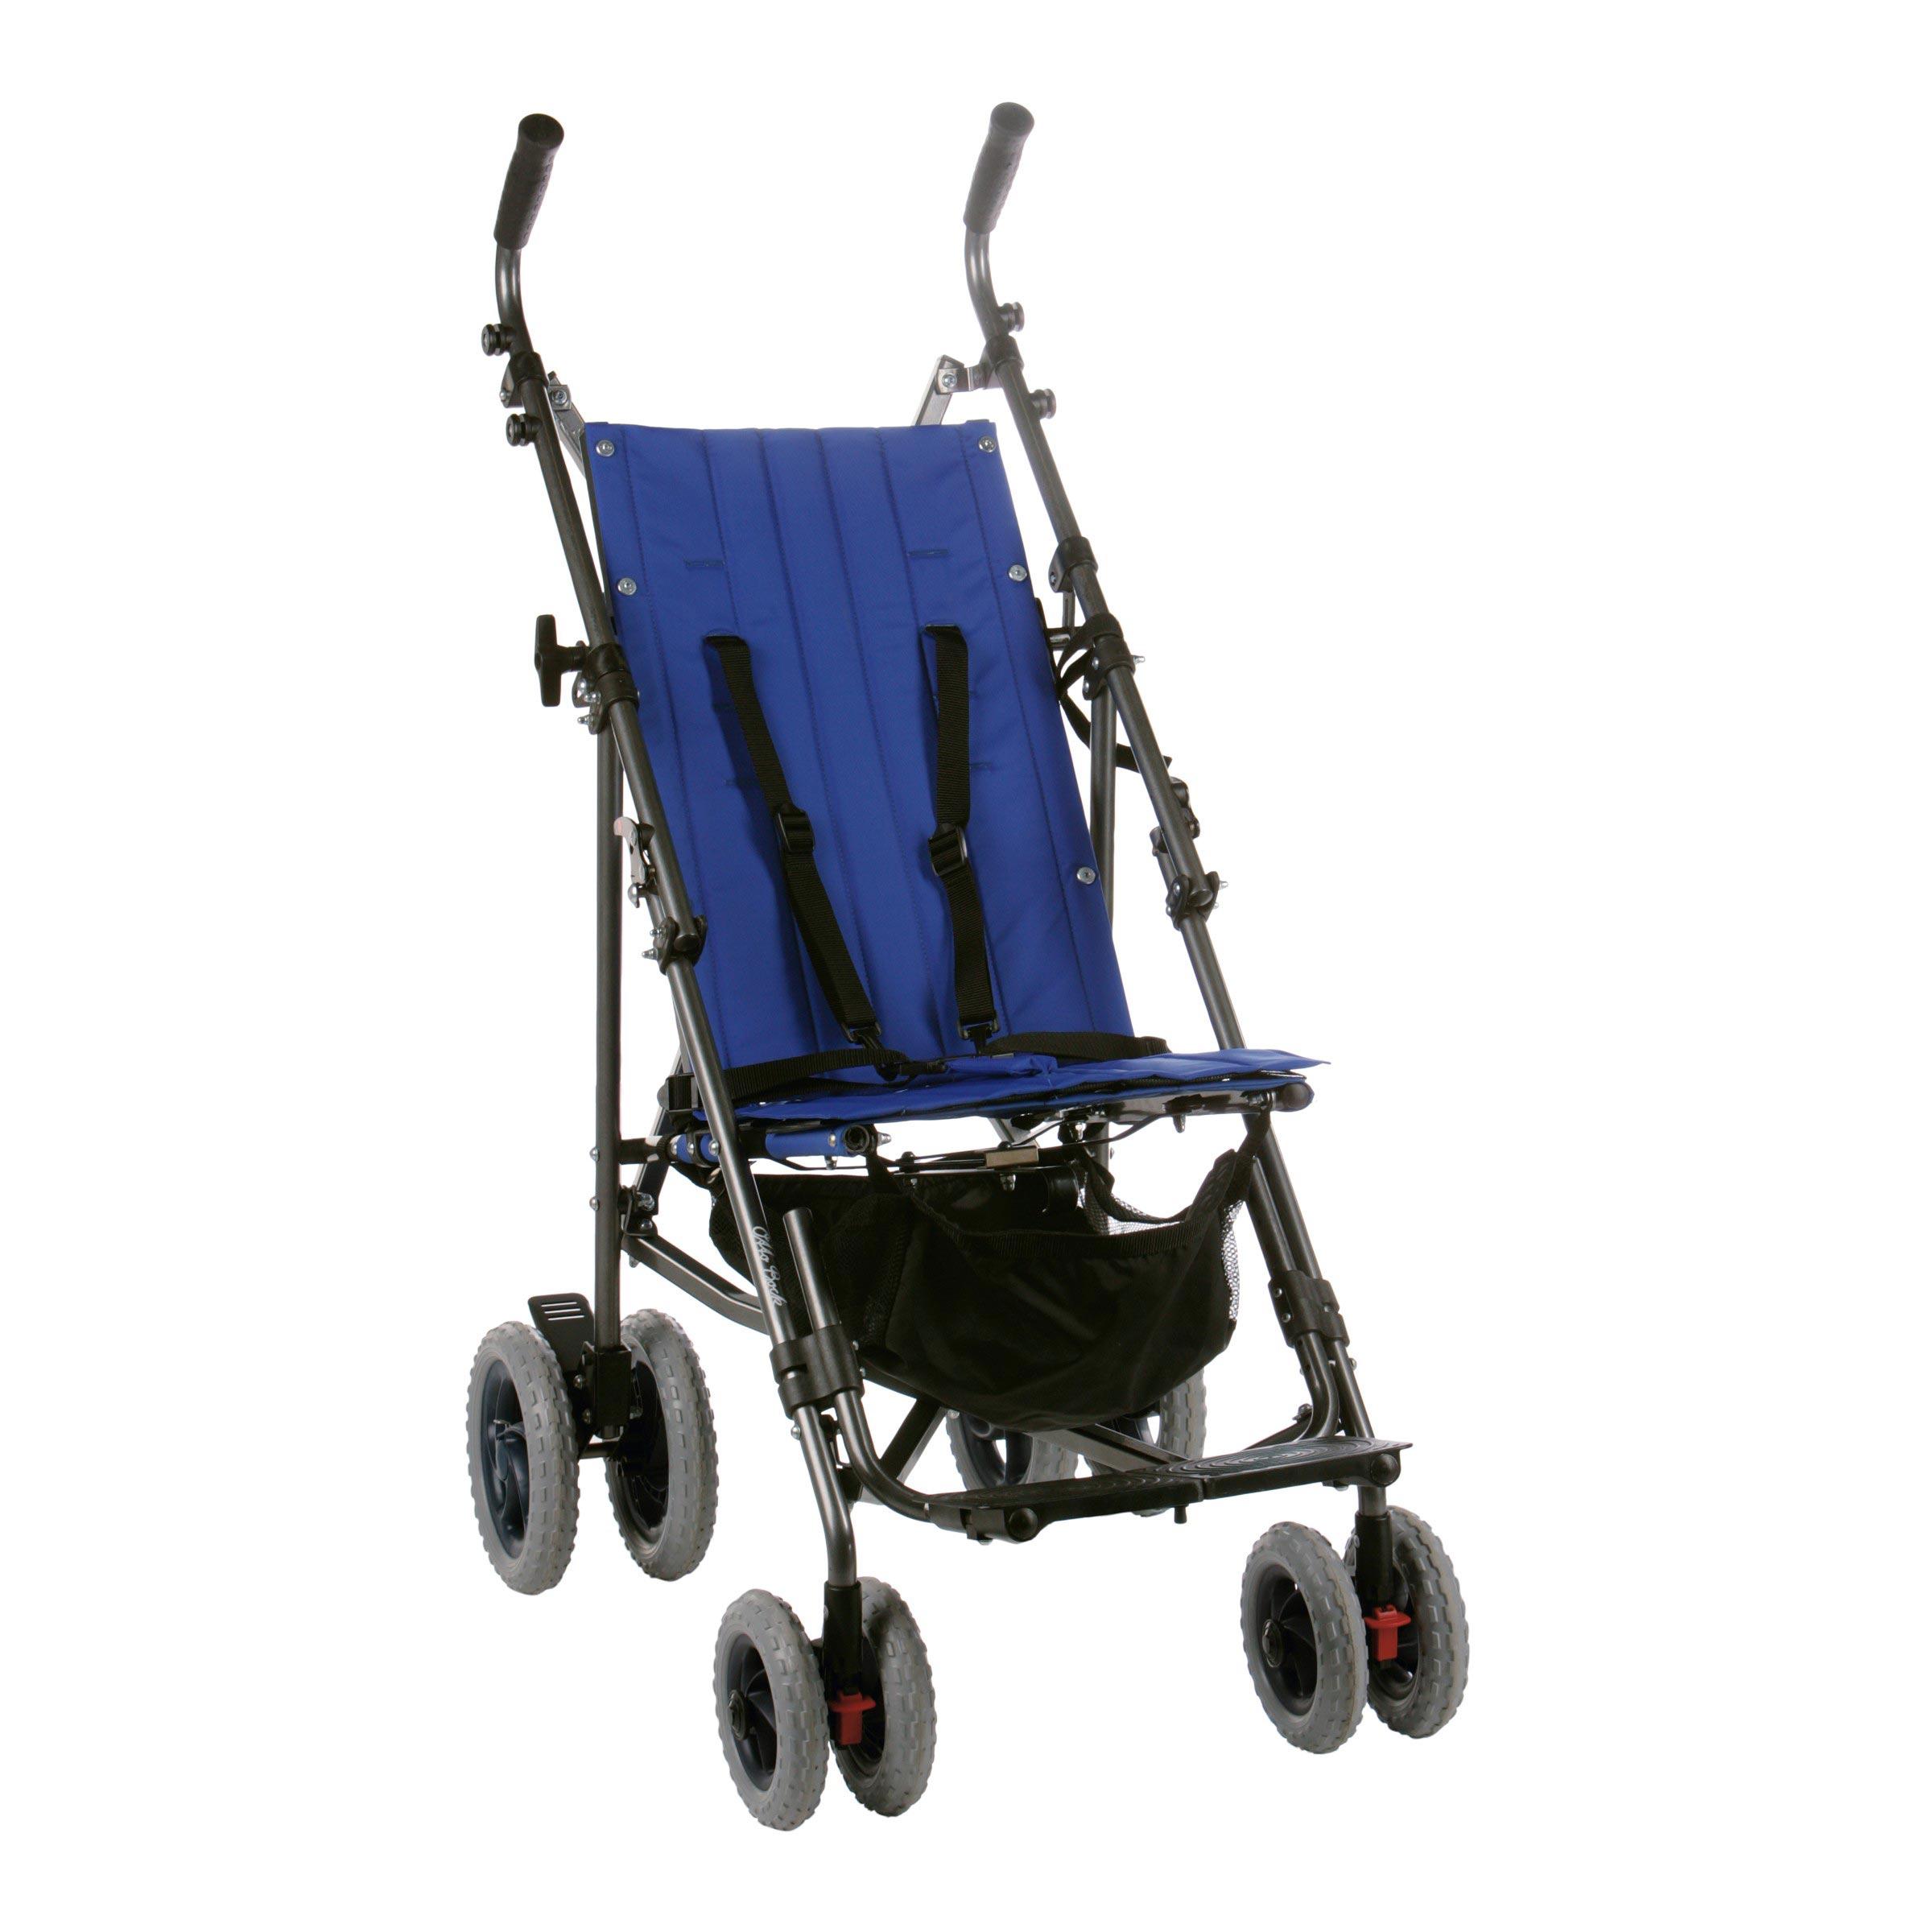 коляска для детей-инвалидов Otto Bock фото